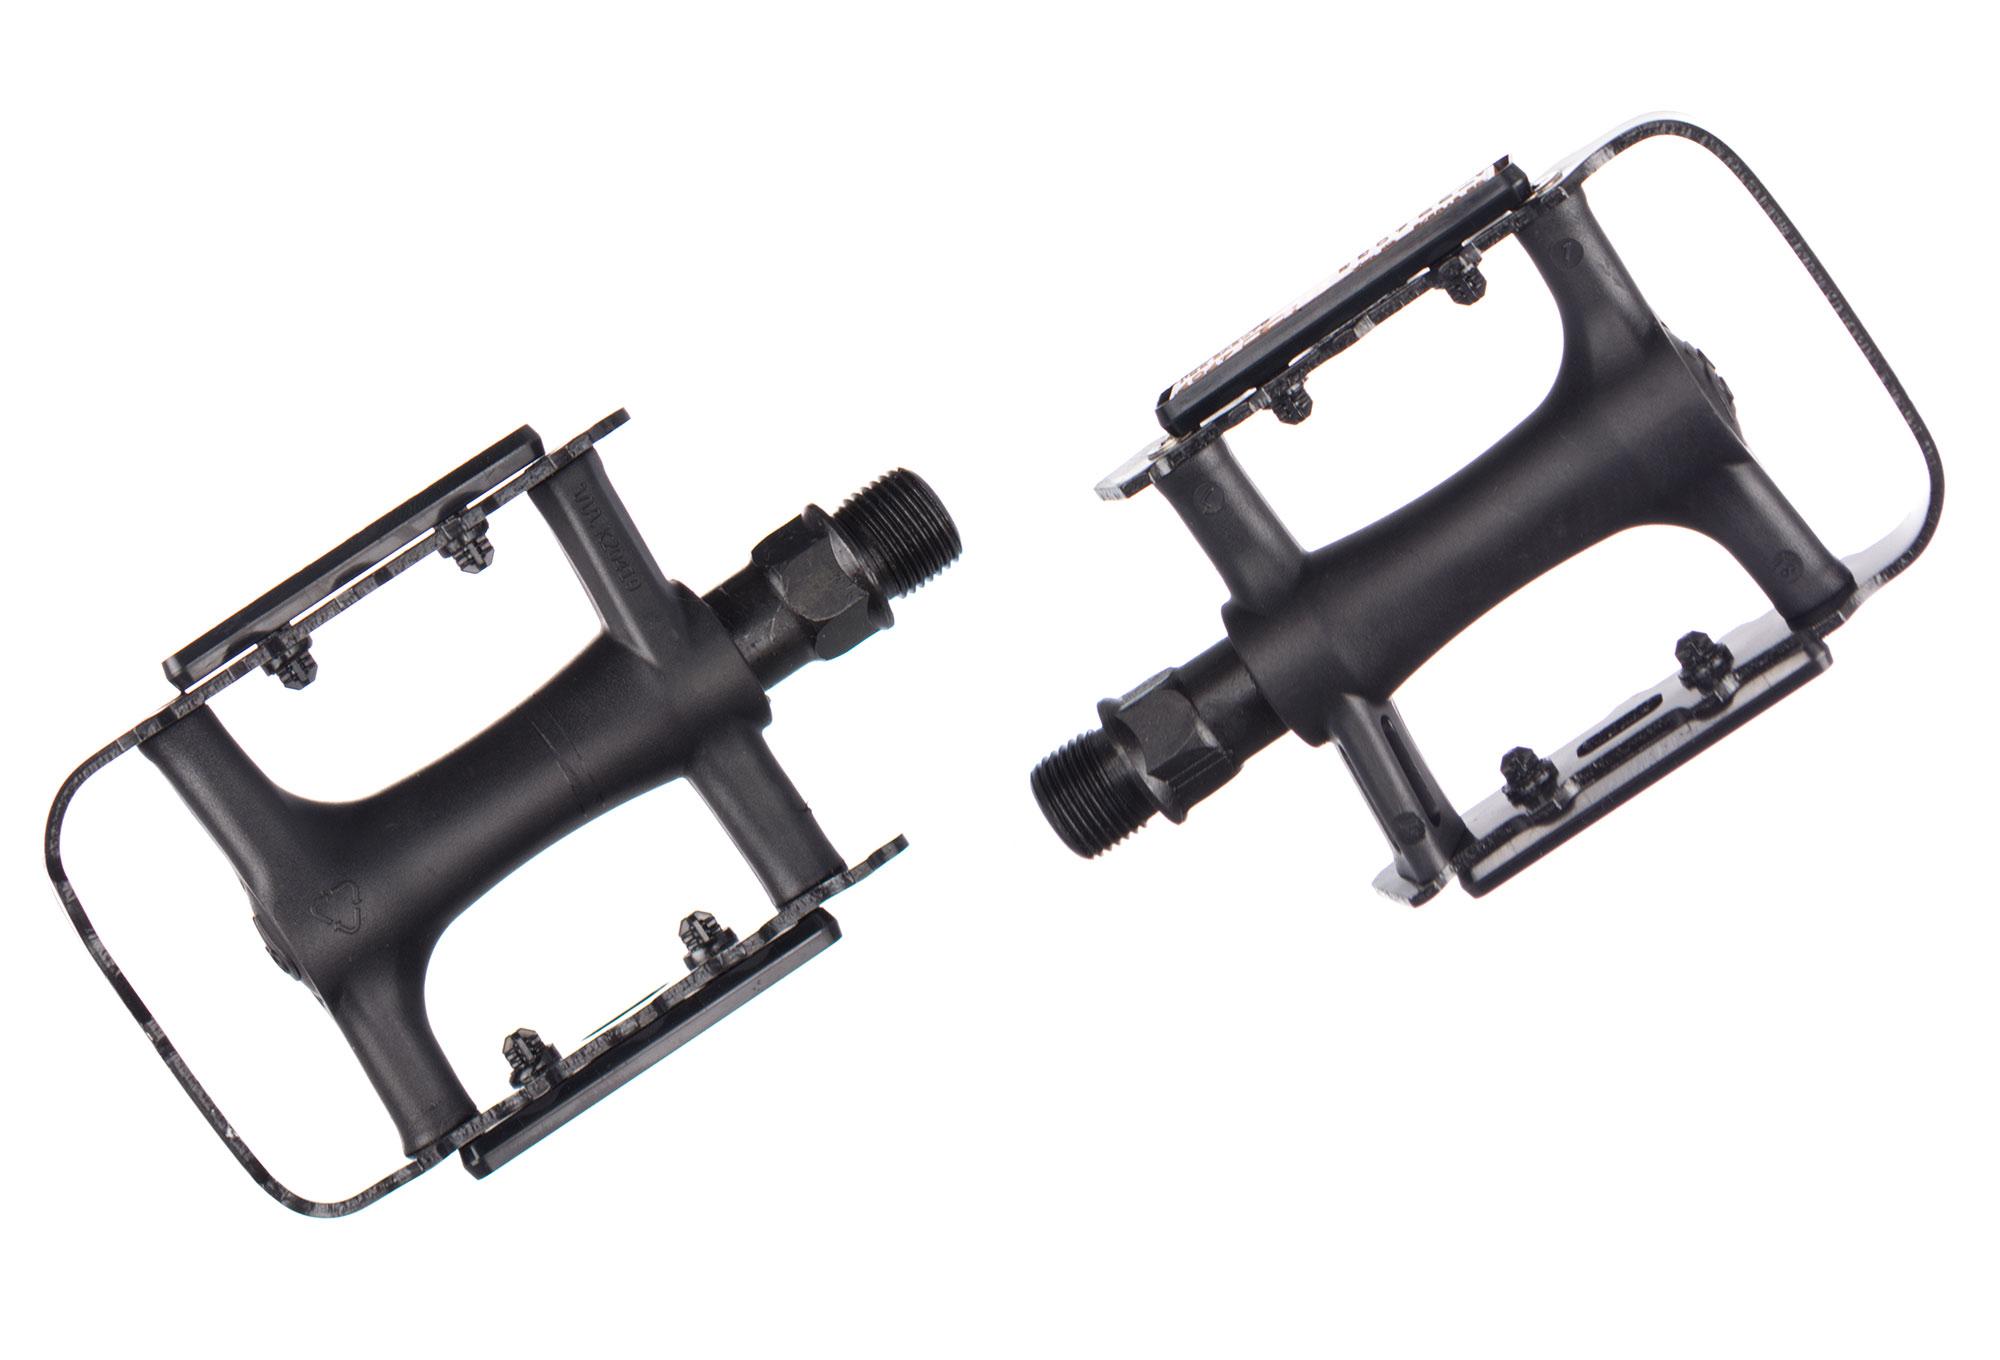 NEATT MTB Alloy cage flat pedals | Alltricks.com